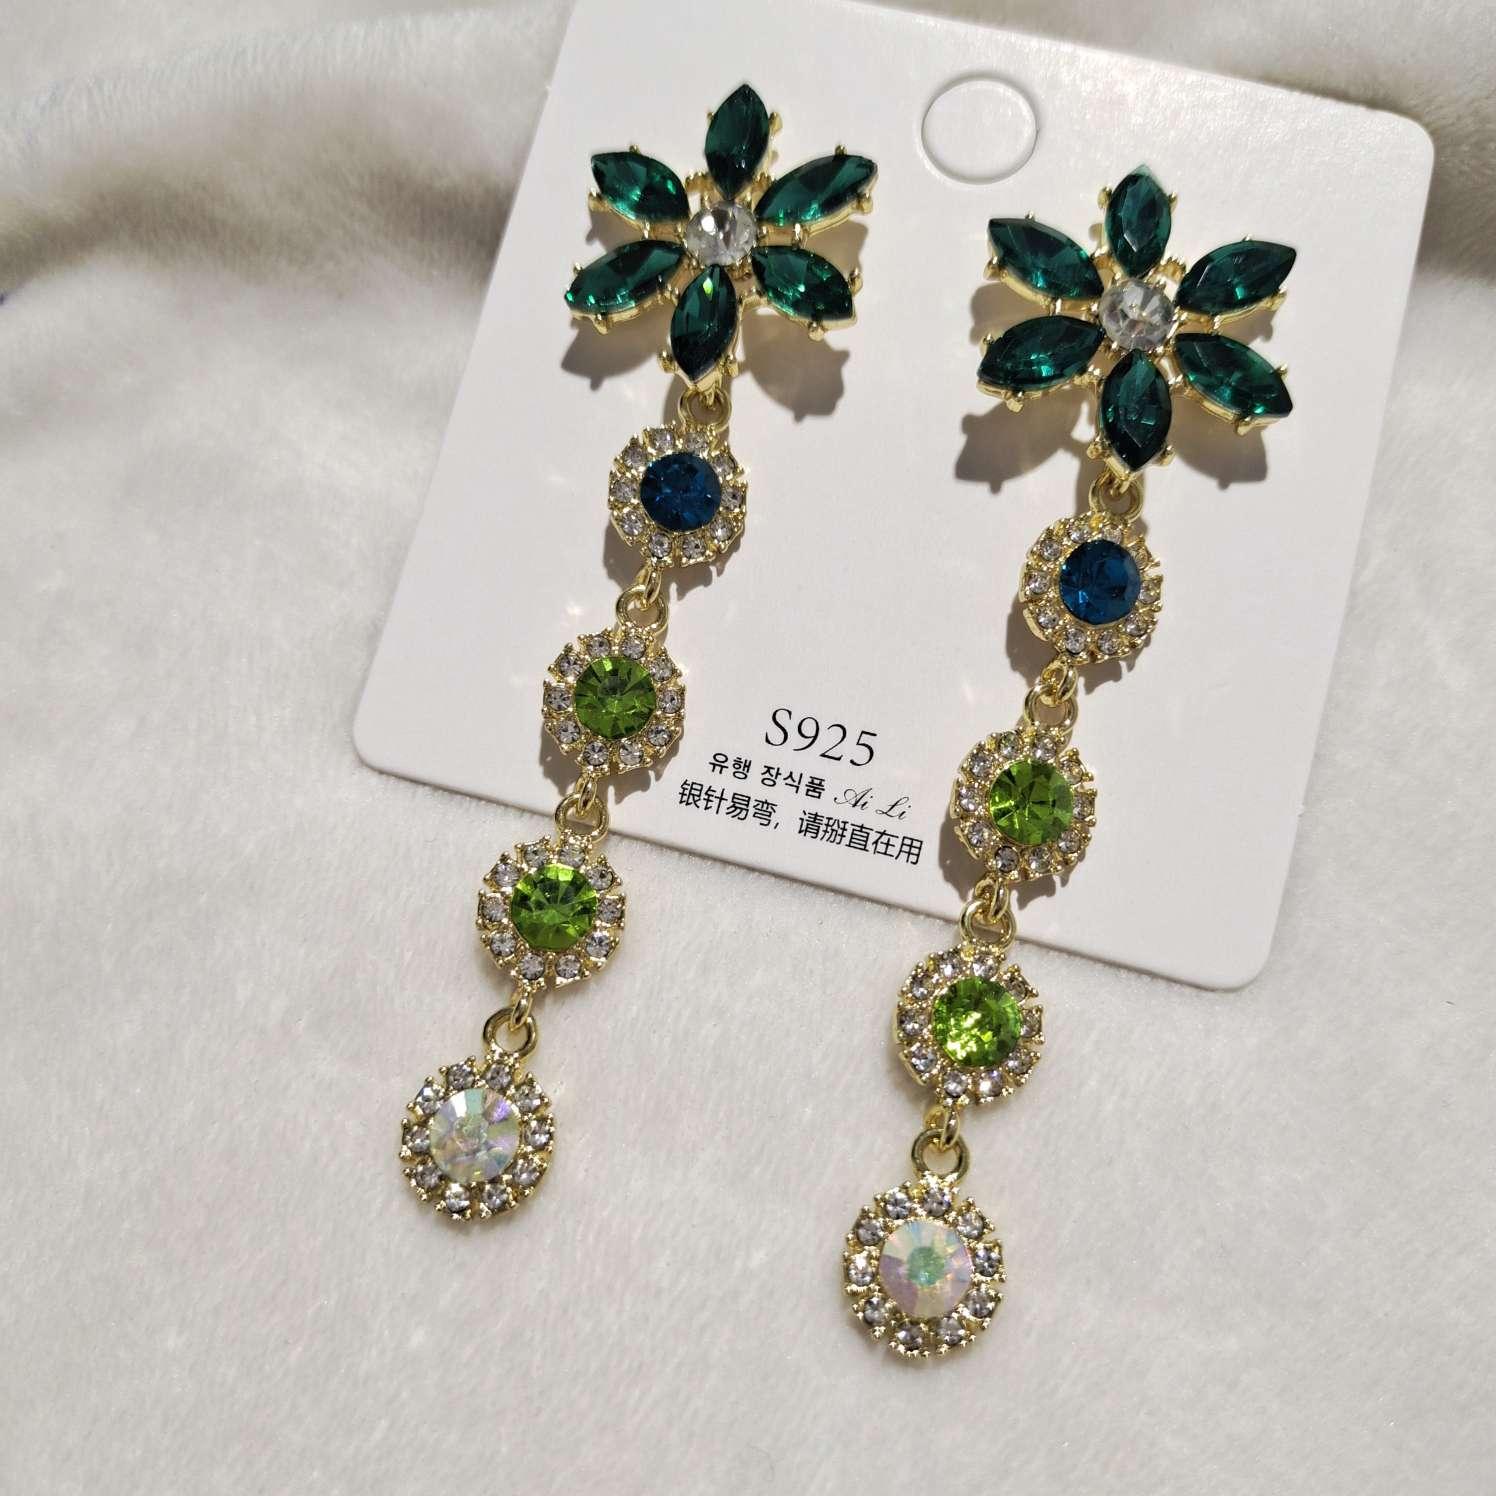 高级感绿色水晶花朵耳环女长款气质流苏夸张大气超仙网红耳钉纯银